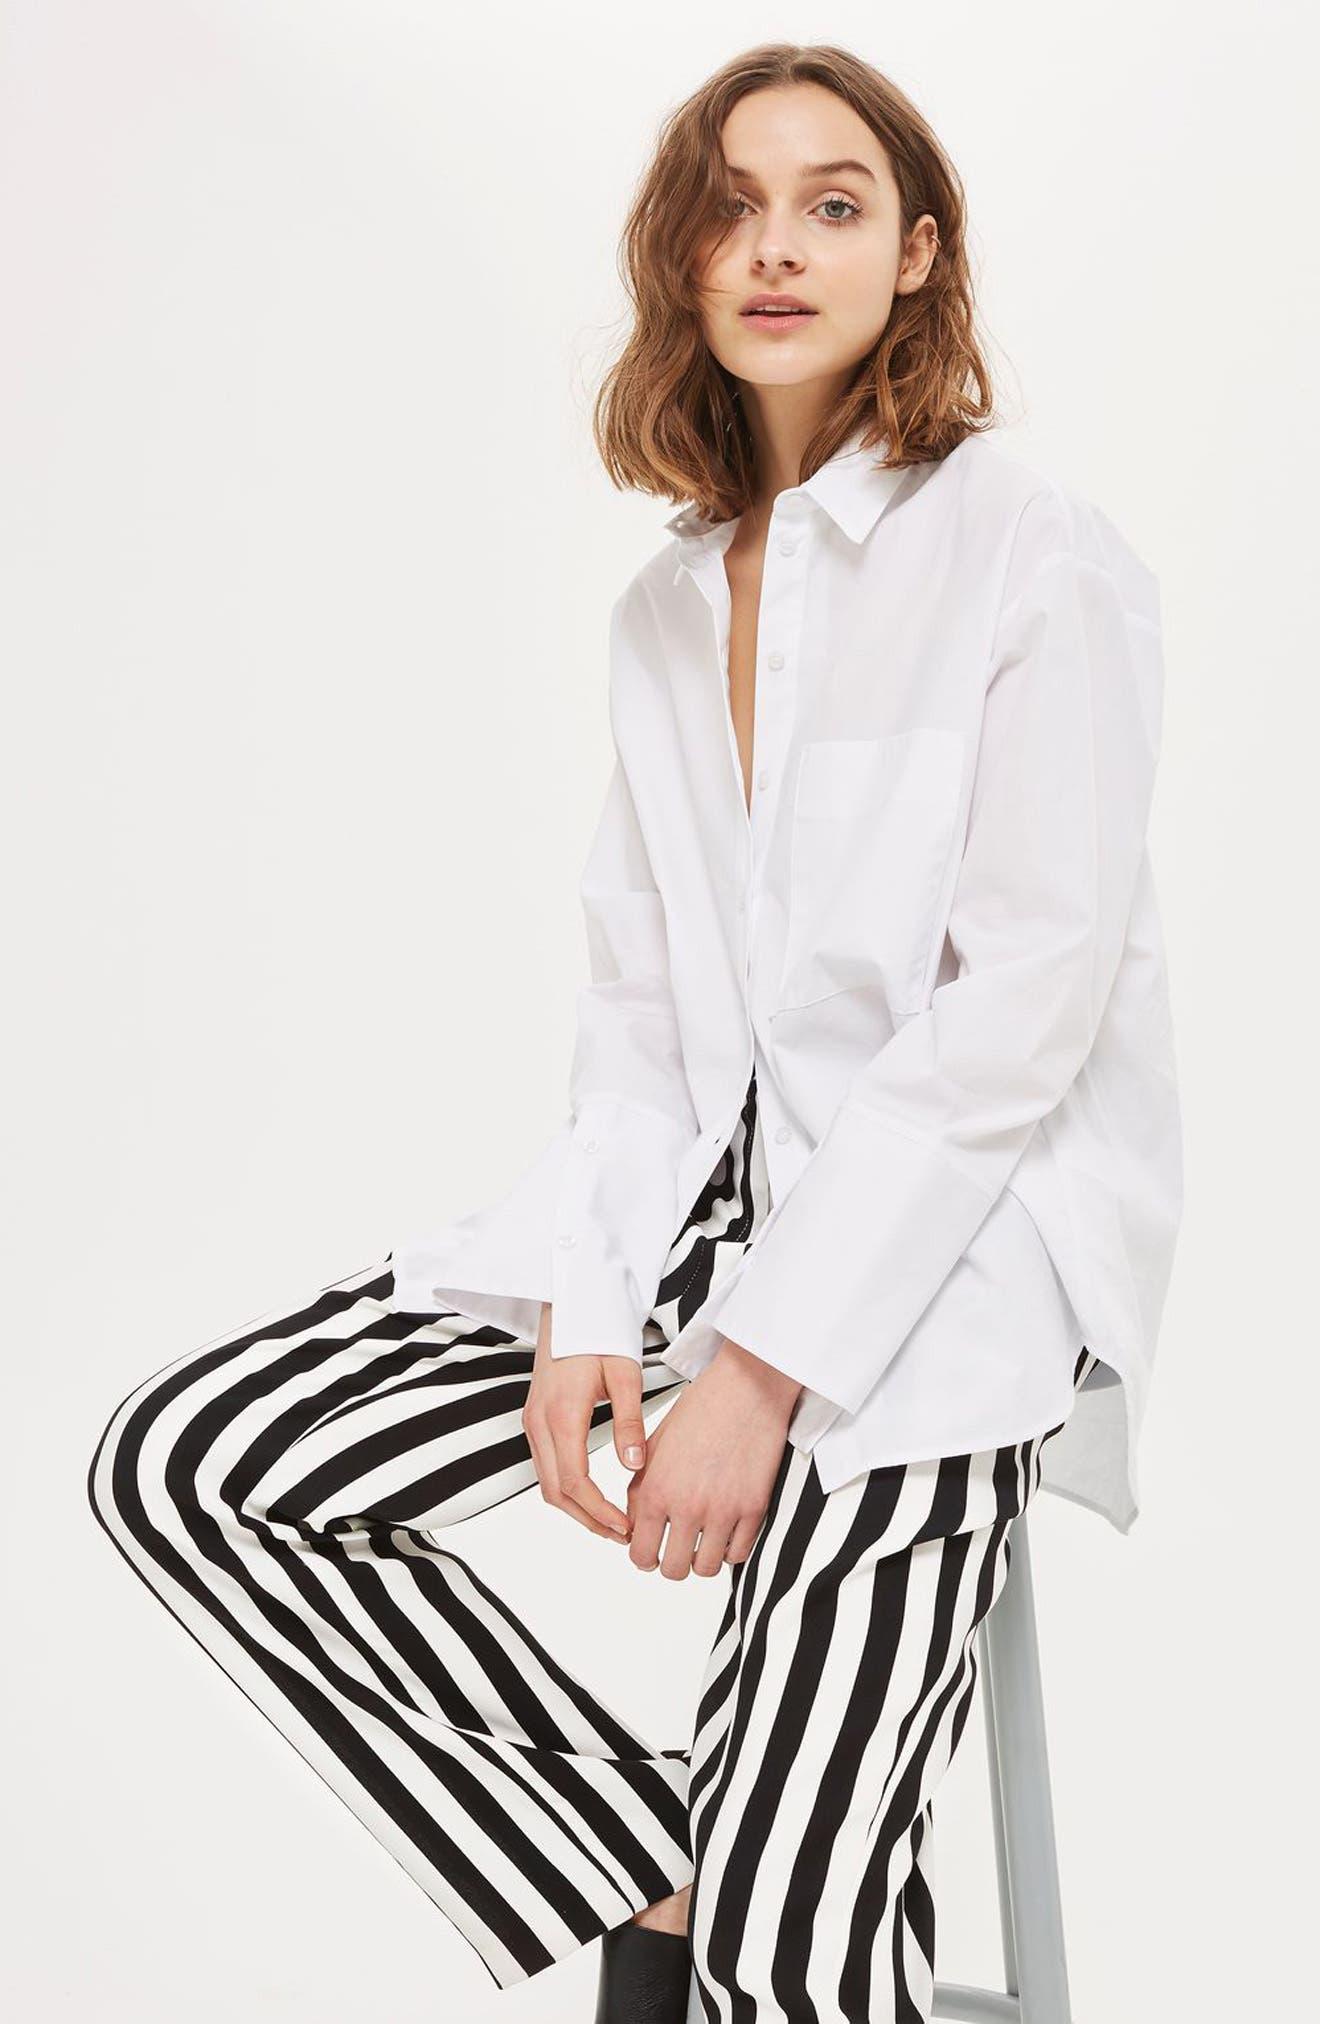 Humbug Stripe Trousers,                             Alternate thumbnail 4, color,                             001